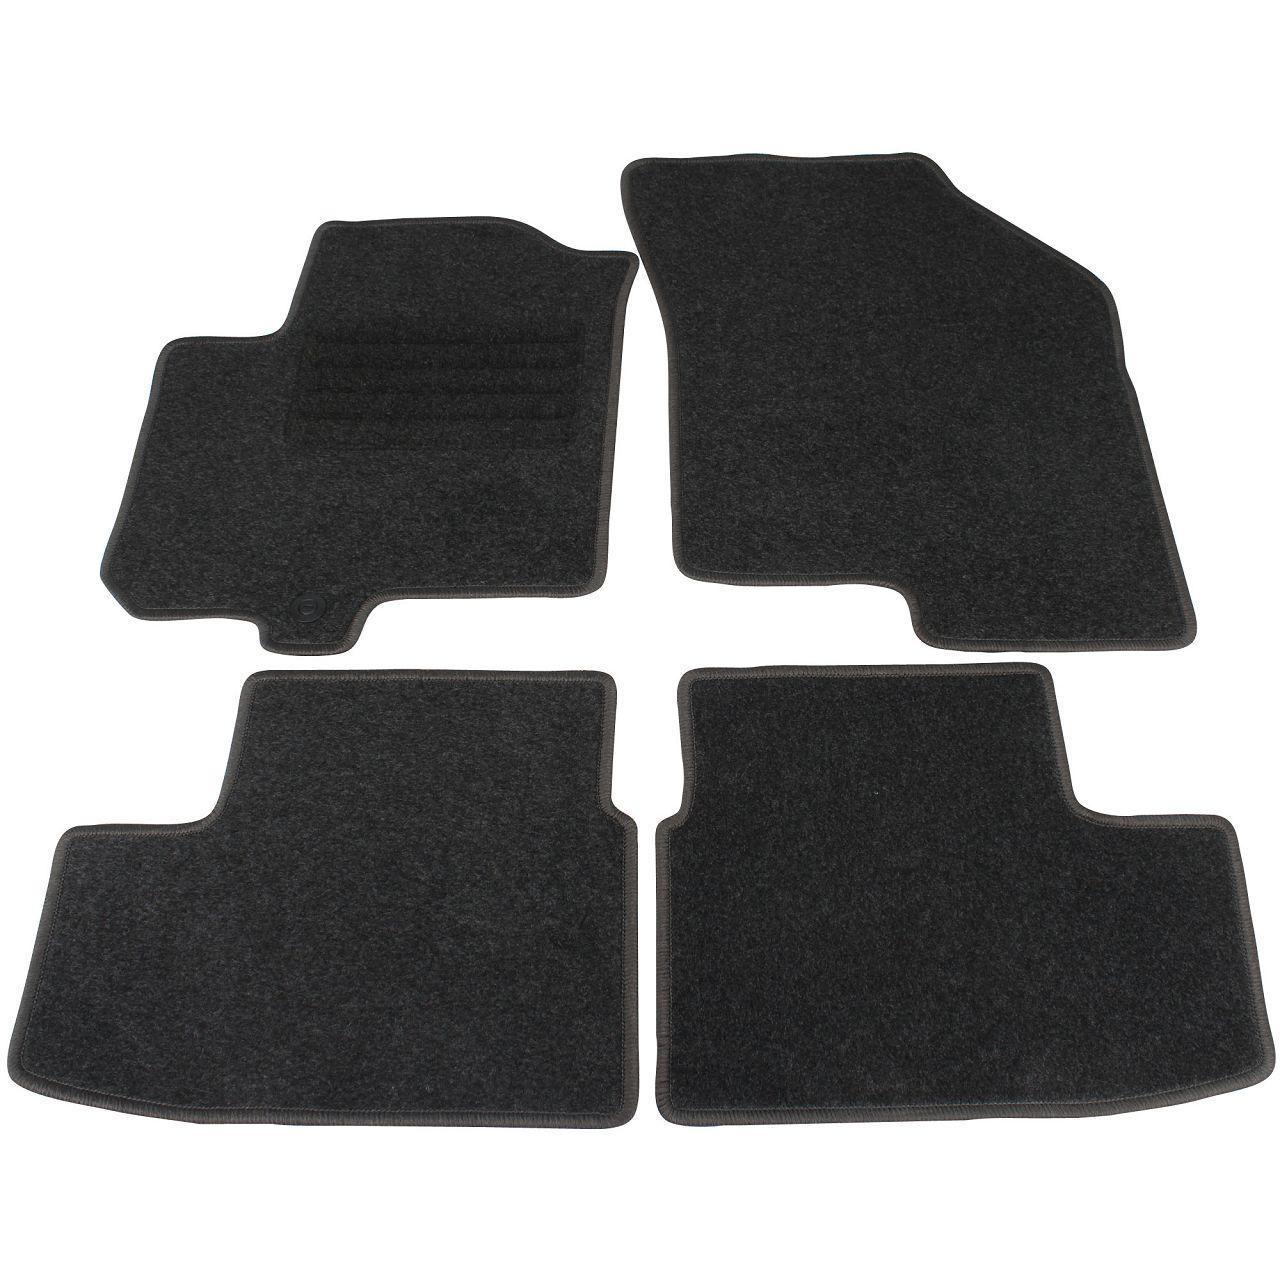 Veloursmatten Textilmatten Fußmatten Satz für SUZUKI SPLASH ab 06.2012 4-tlg